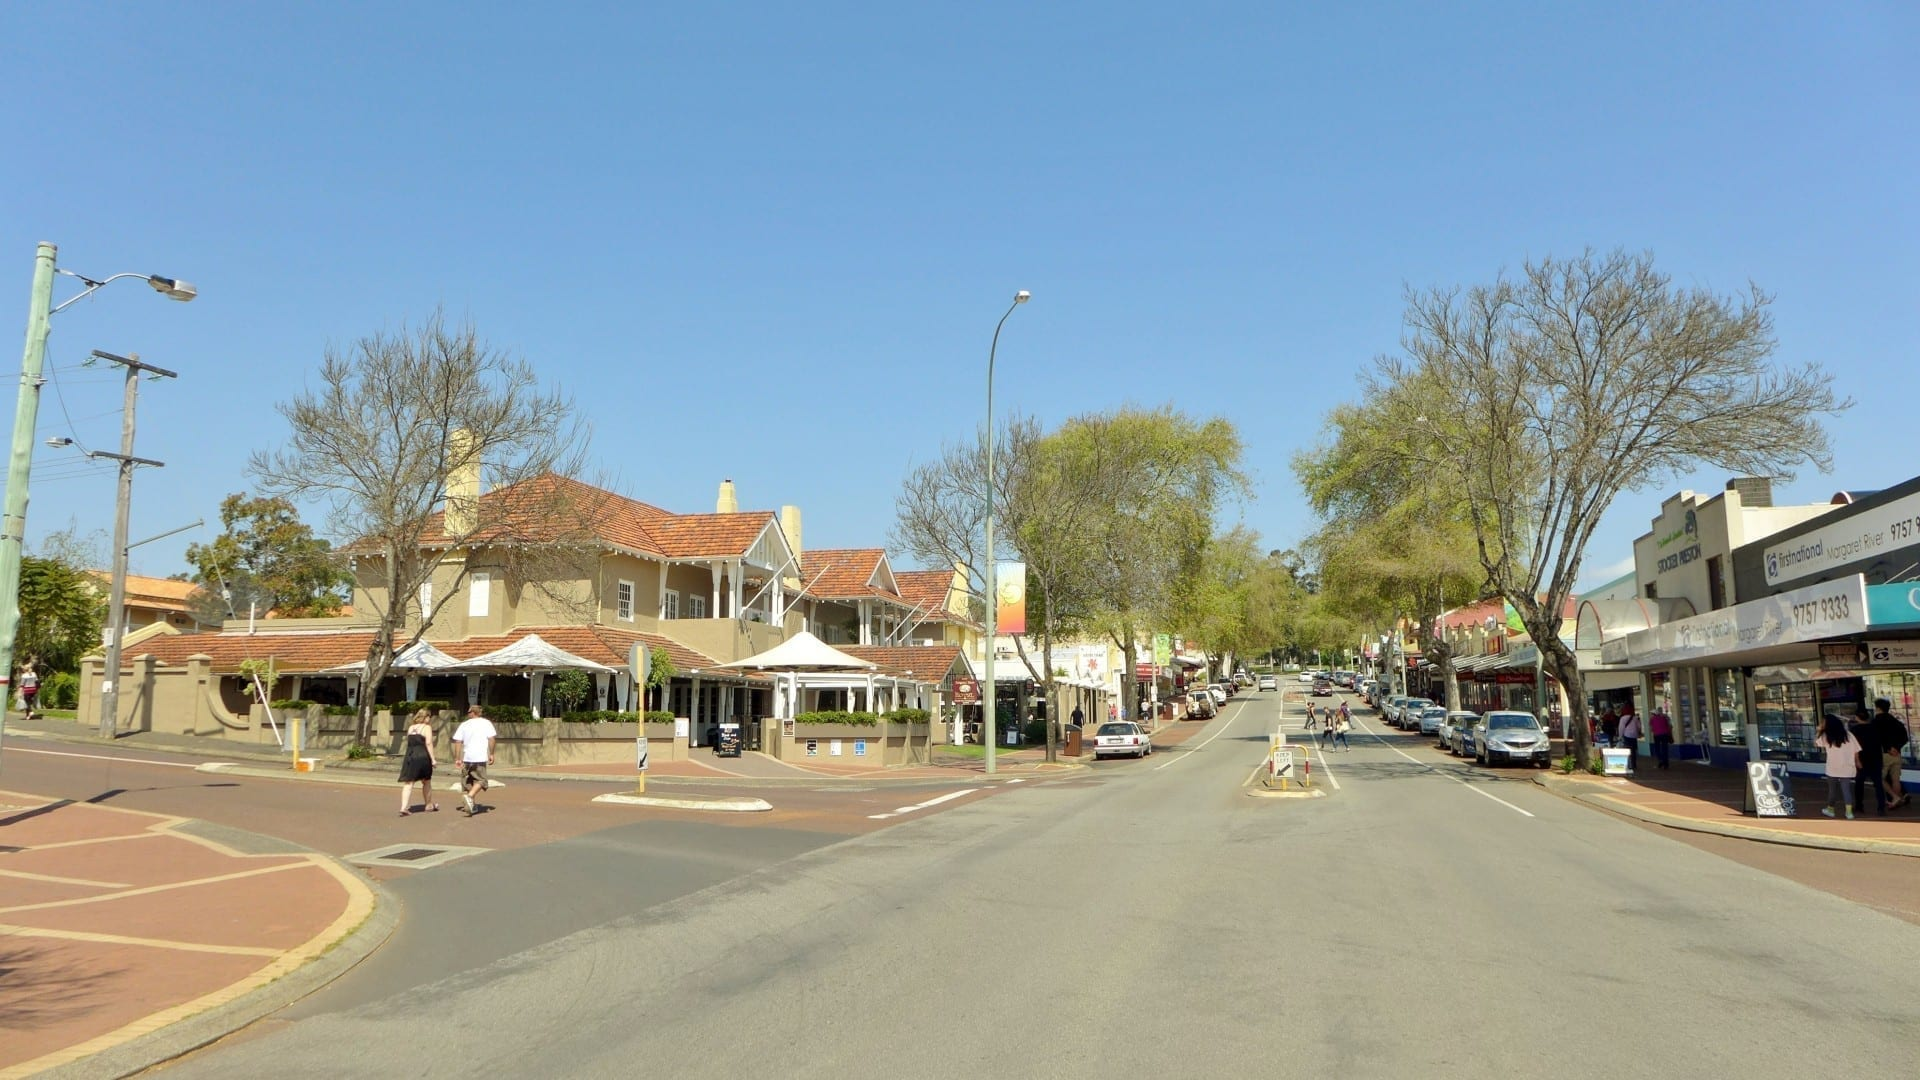 El municipio de Margaret River. La ciudad debe su nombre al río que cruza la carretera principal cercana. Margaret River Australia